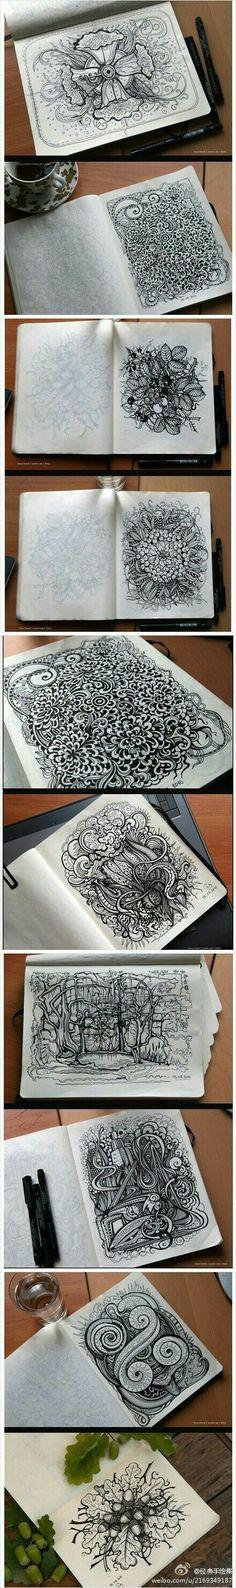 Sketchbook inspiration! #drawings #sketchbook #teachingart